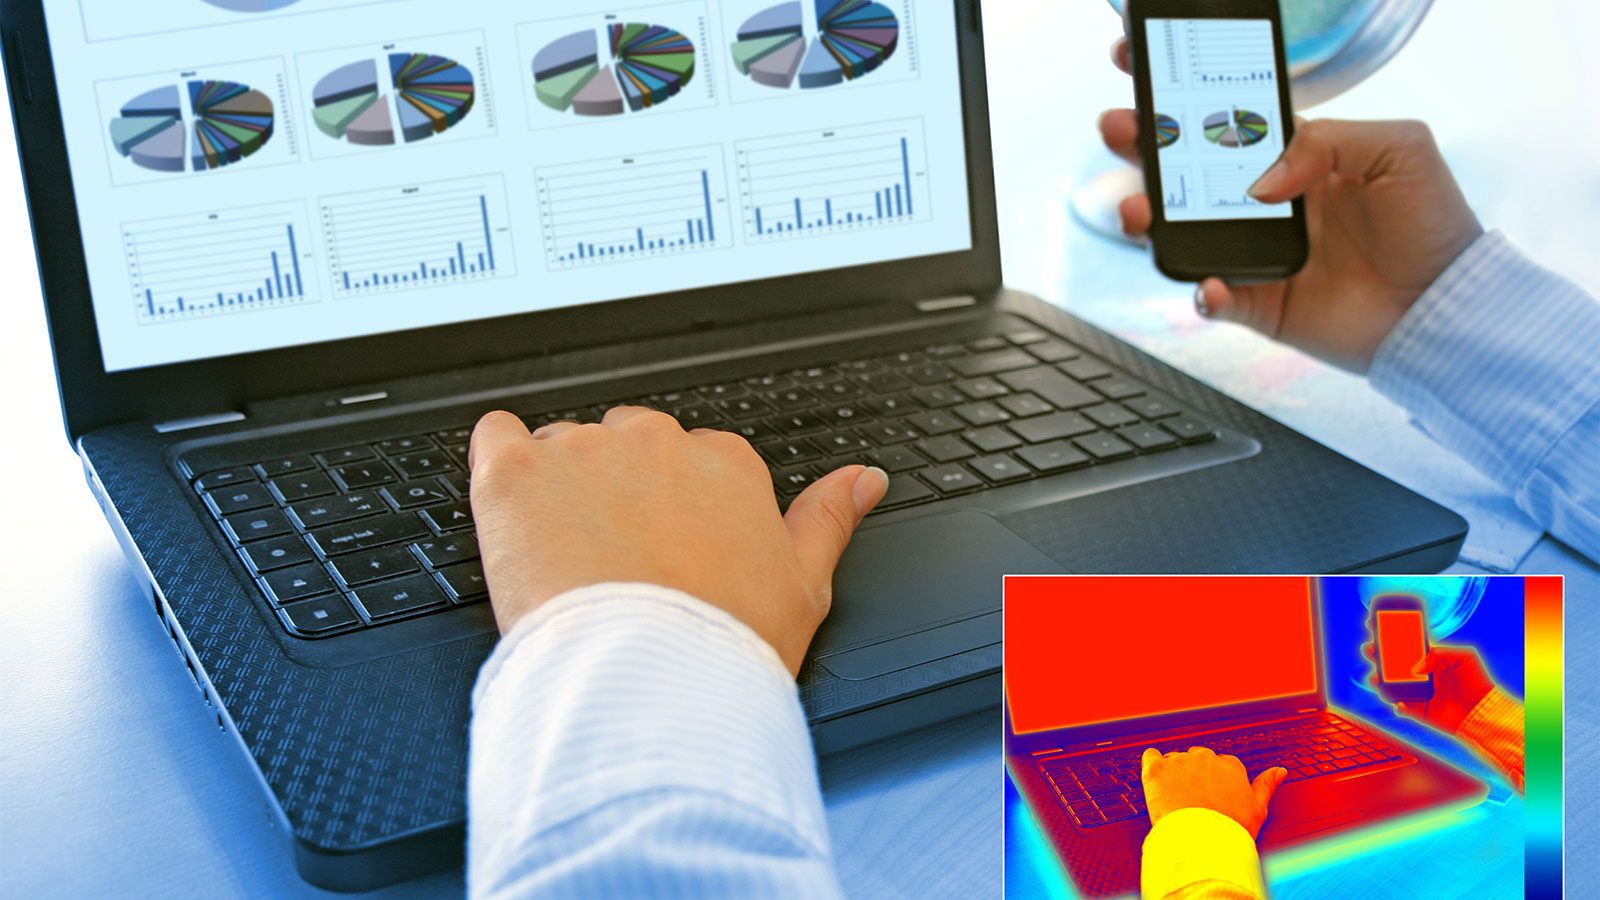 Energieffektivitet. Der går meget energi til spilde i form af for eksempel varme, når man bruger computer, smartphone, tv med mere. Foto: Colourbox.